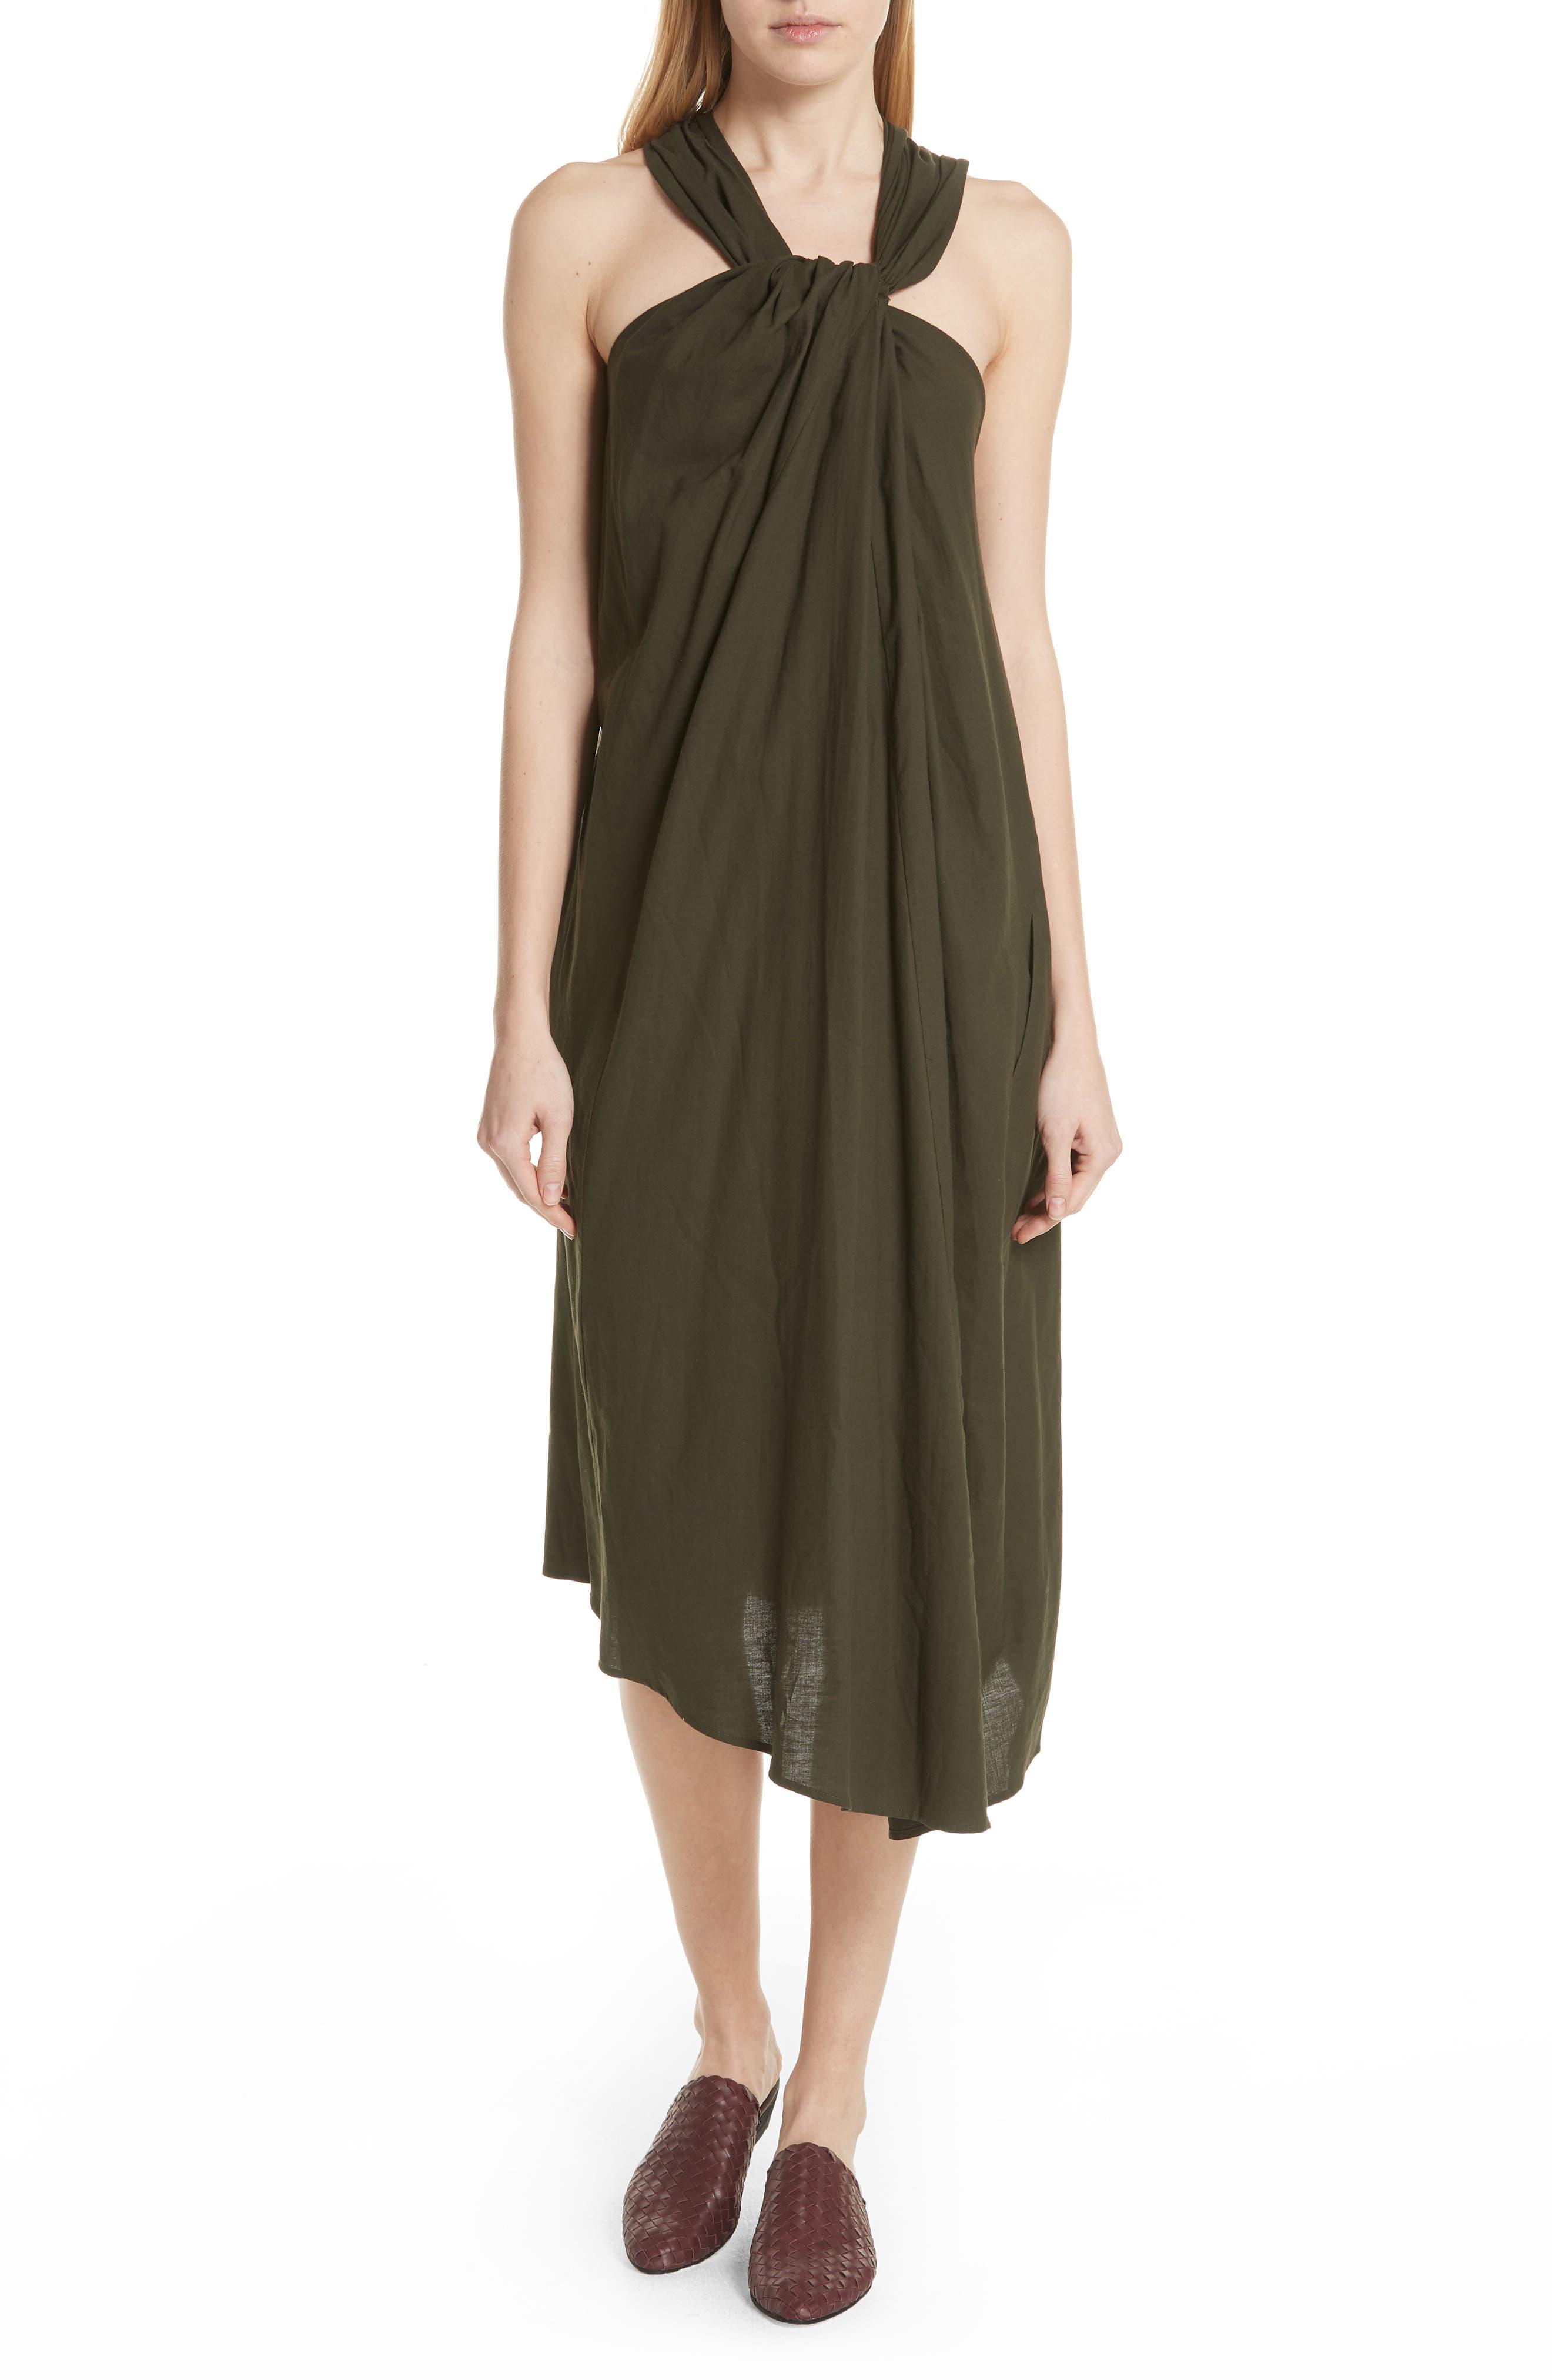 VINCE,                             Twist Front Dress,                             Main thumbnail 1, color,                             359